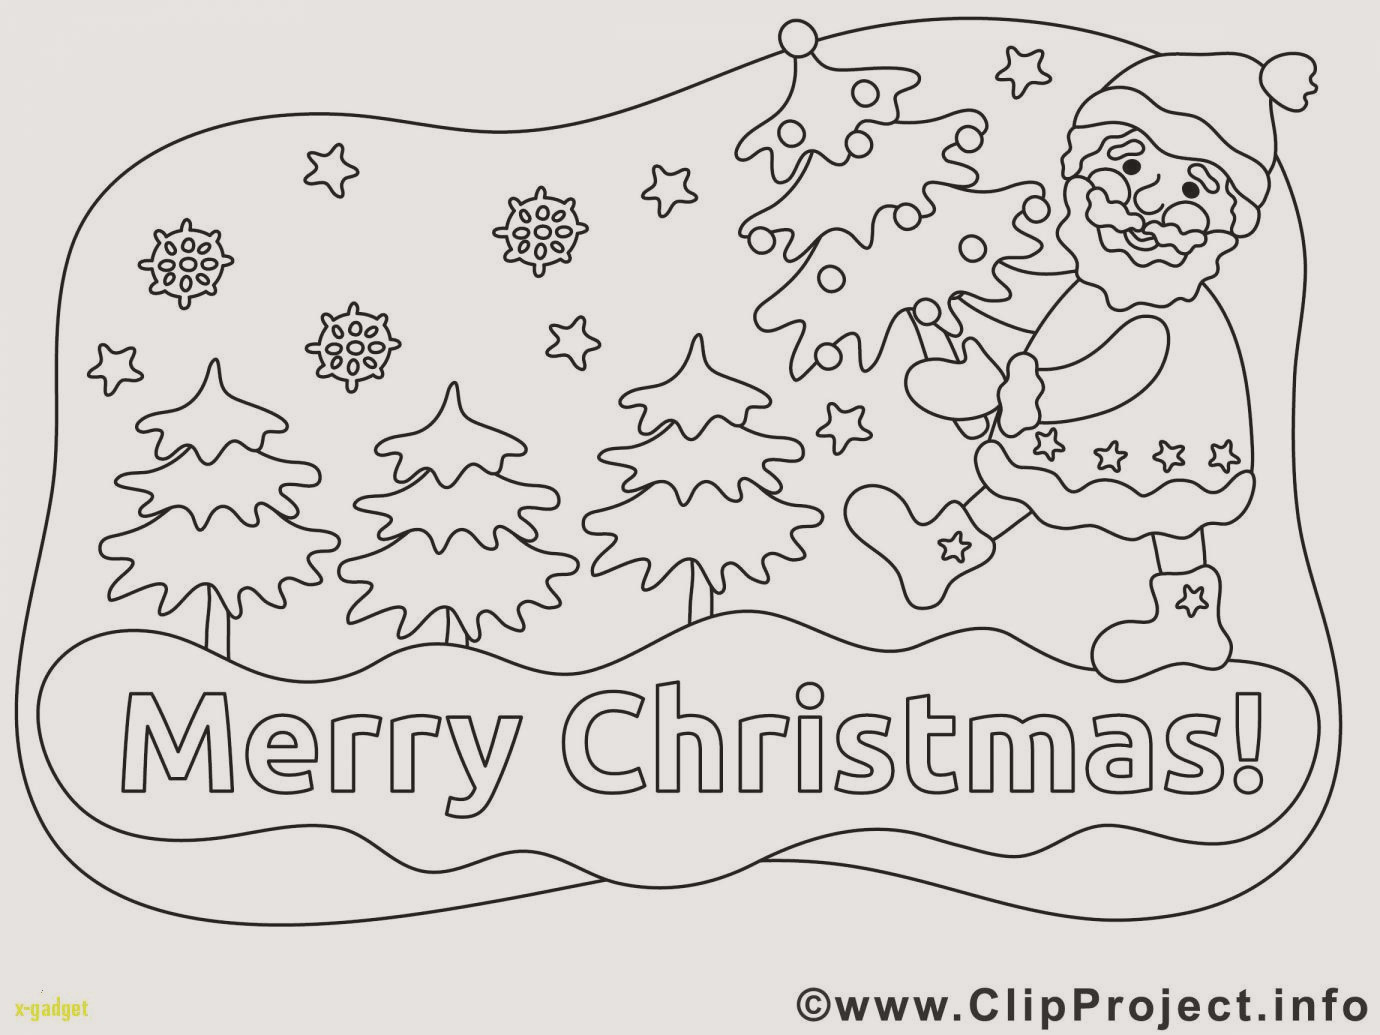 Ausmalbilder Weihnachten Zum Ausdrucken Das Beste Von 30 Frisch Ausmalbilder Weihnachten Geschenke Ausdrucken Bild